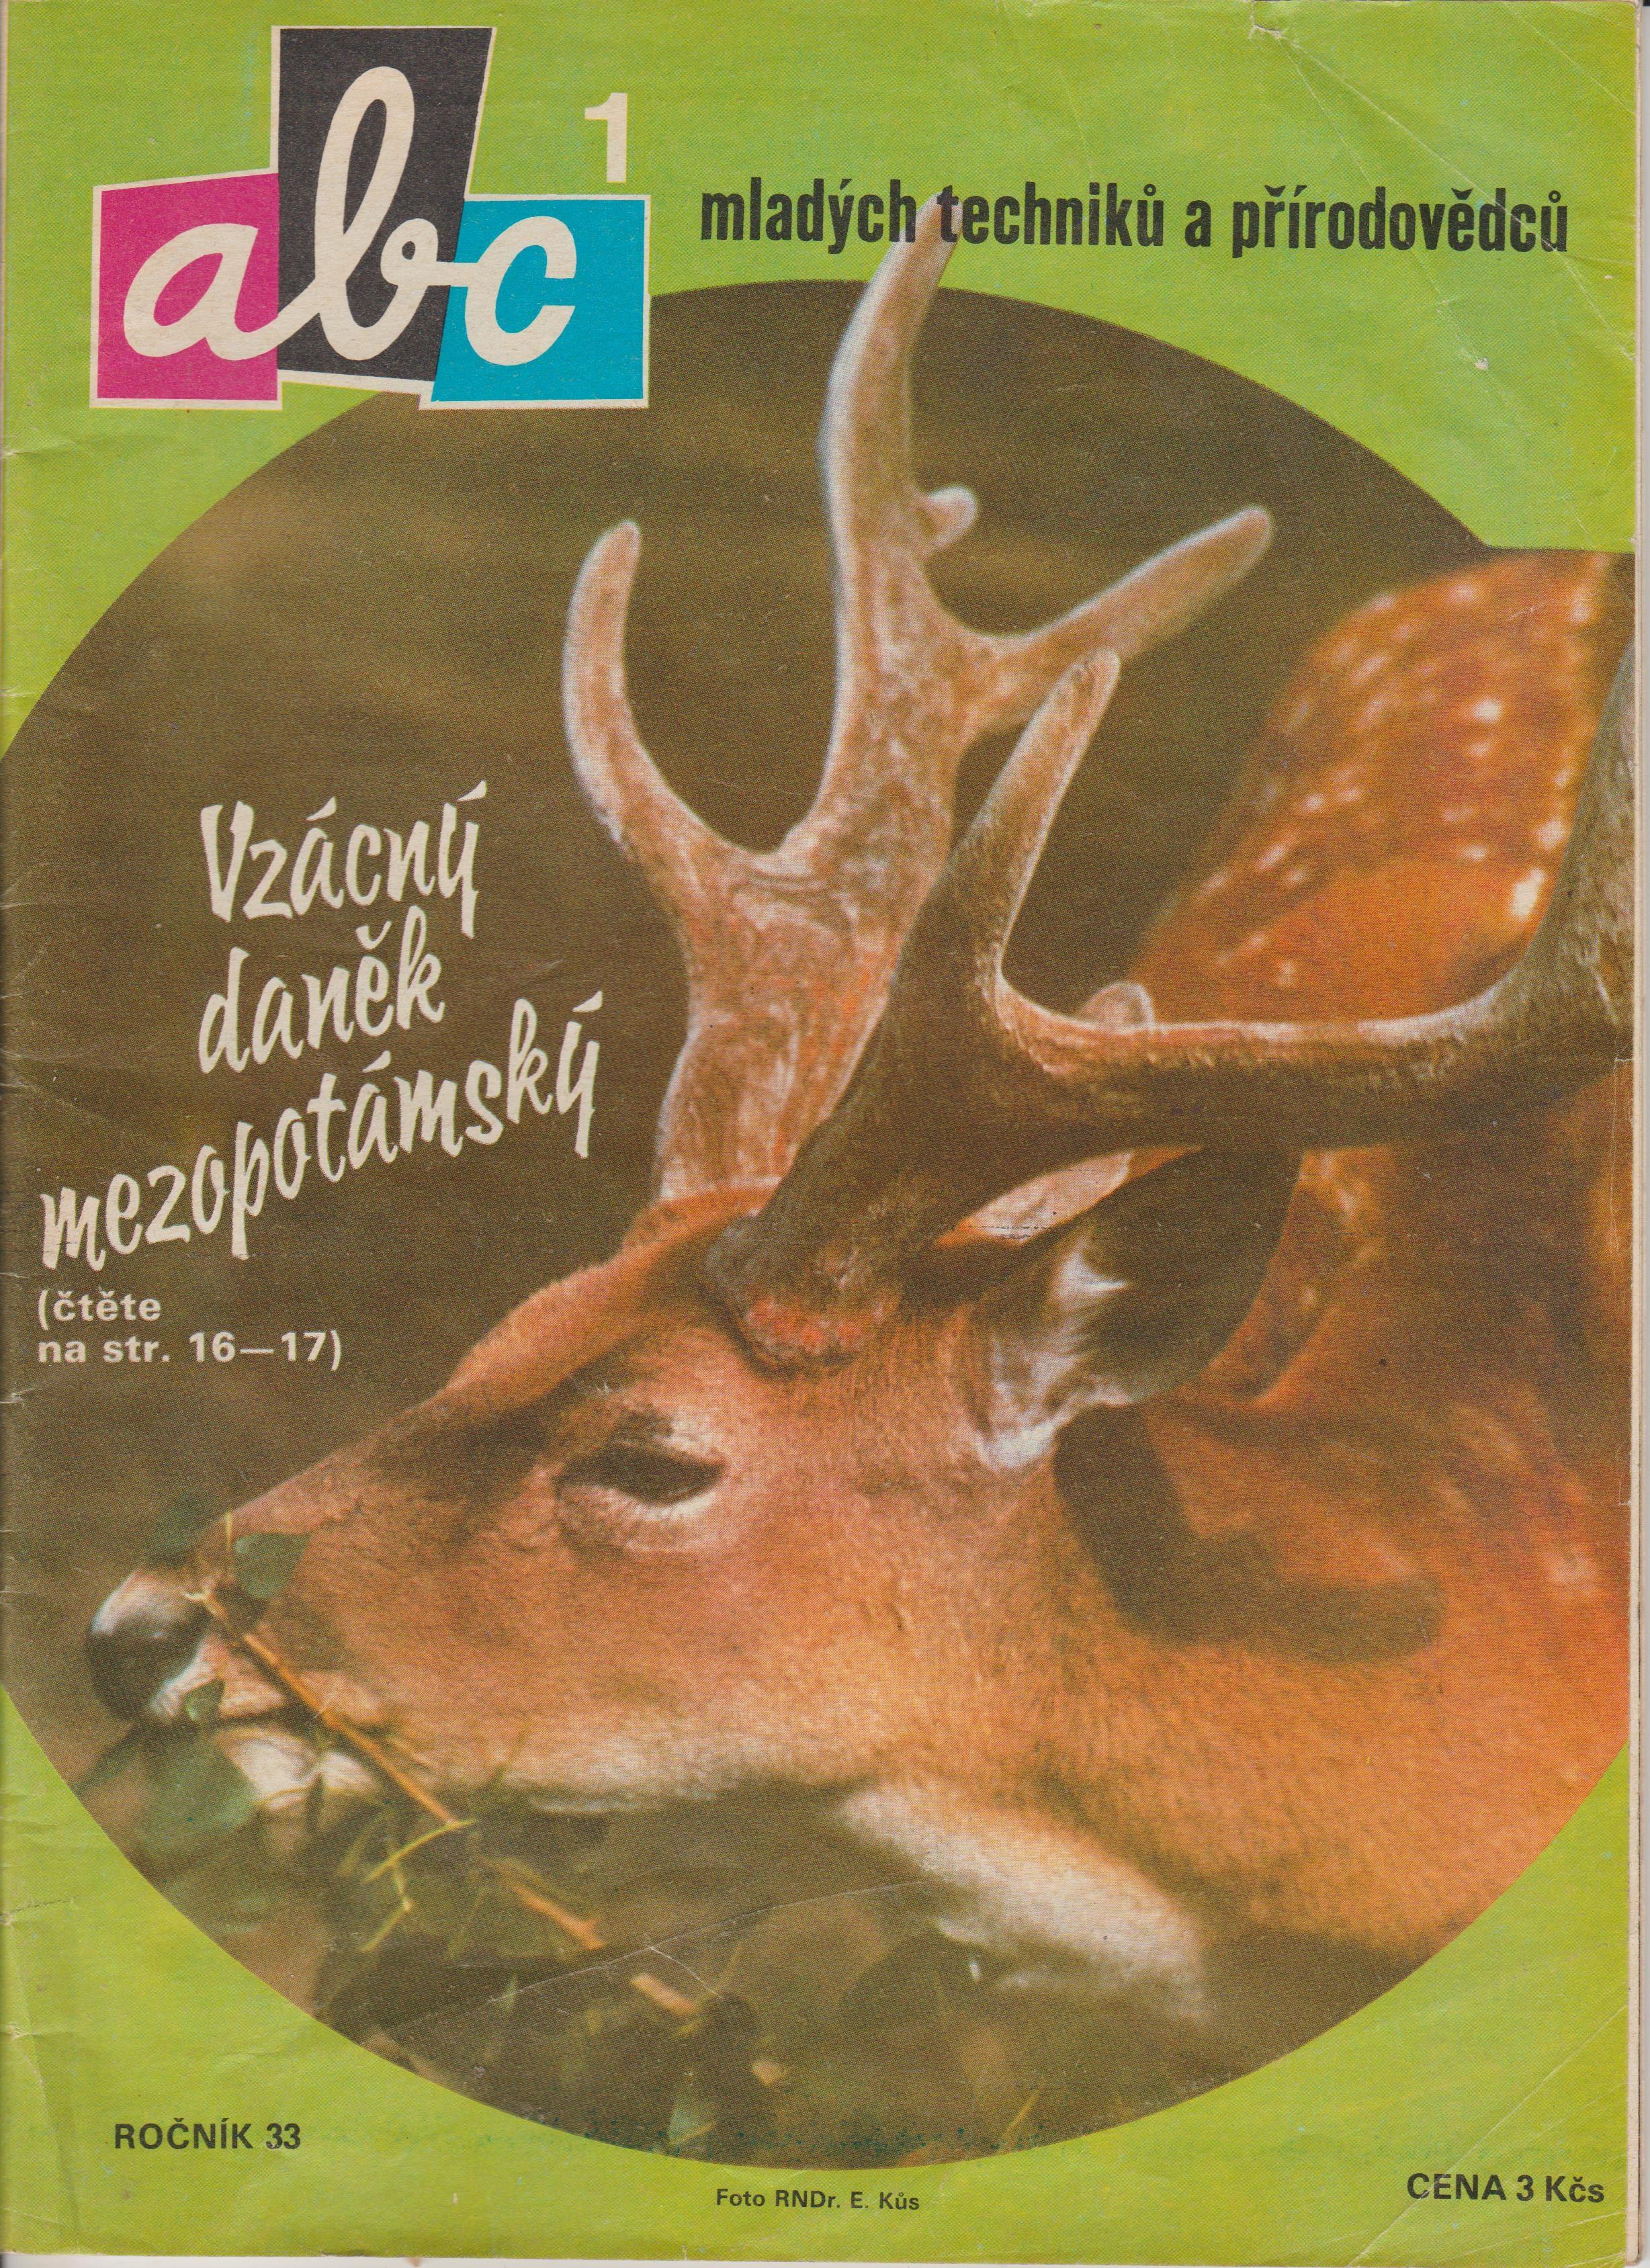 ABC časopis mladých techniků a přírodovědců - 33. ročník/1. číslo